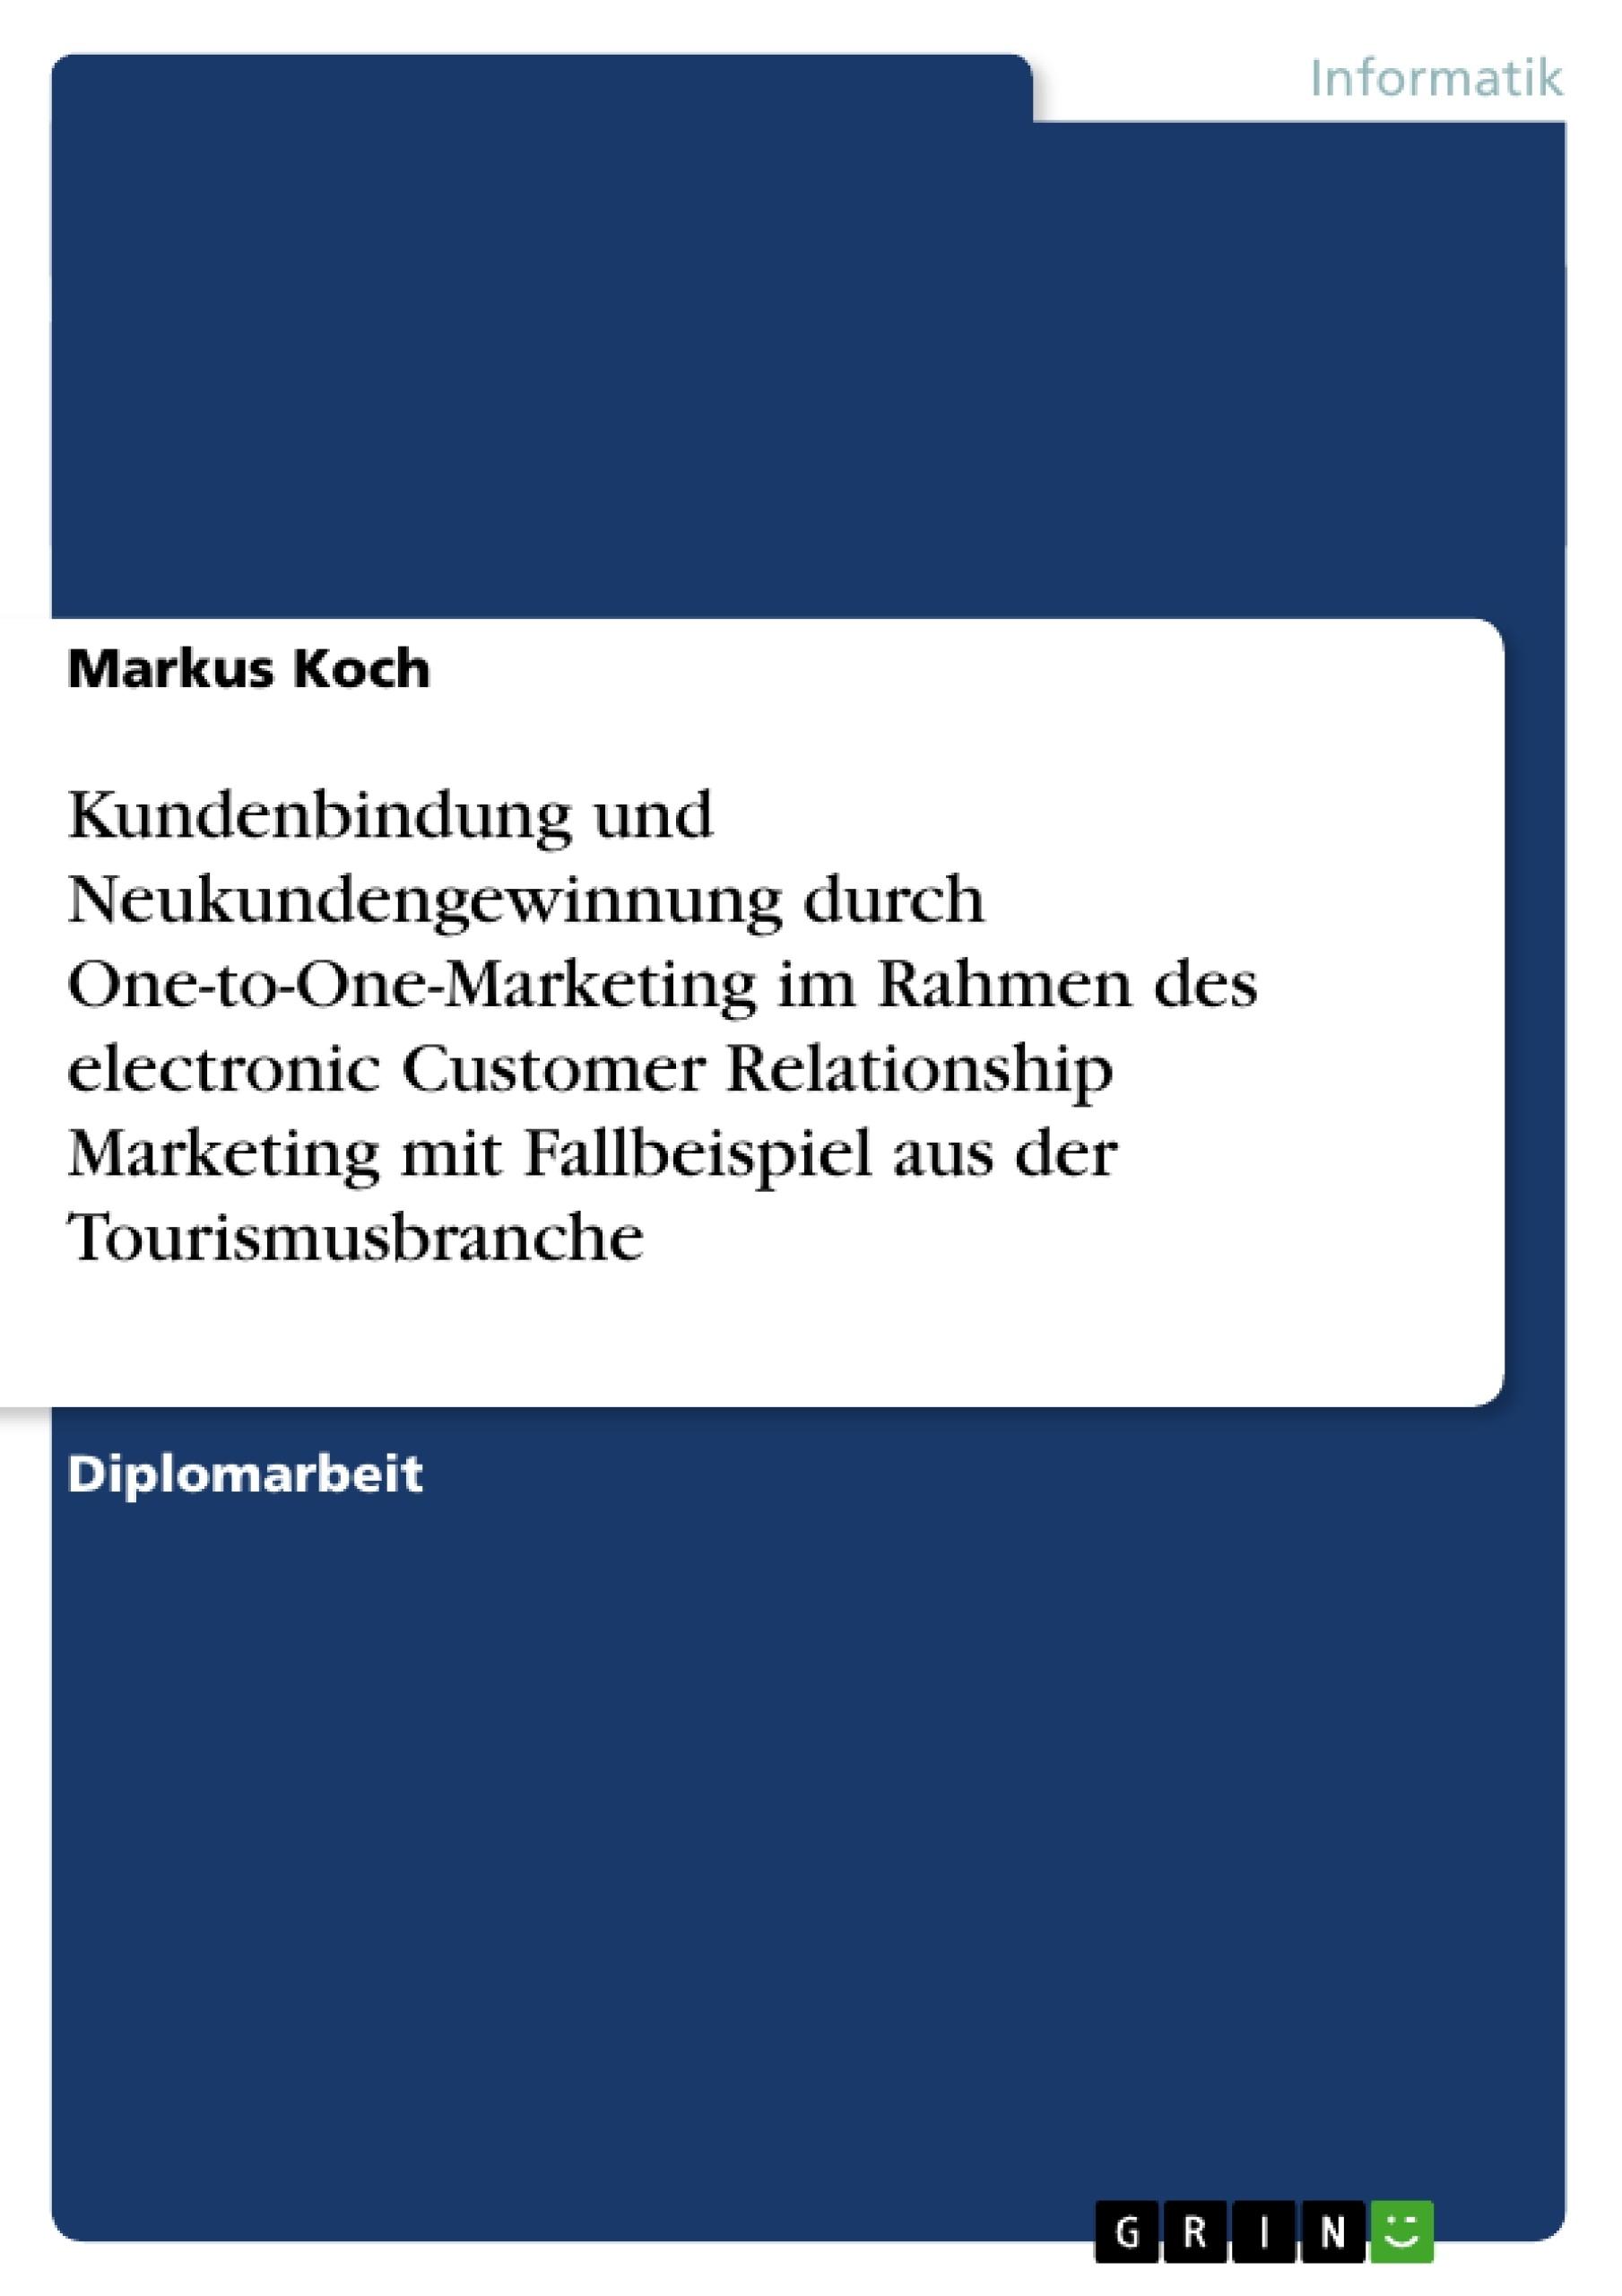 Titel: Kundenbindung und Neukundengewinnung durch One-to-One-Marketing im Rahmen des electronic Customer Relationship Marketing mit Fallbeispiel aus der Tourismusbranche